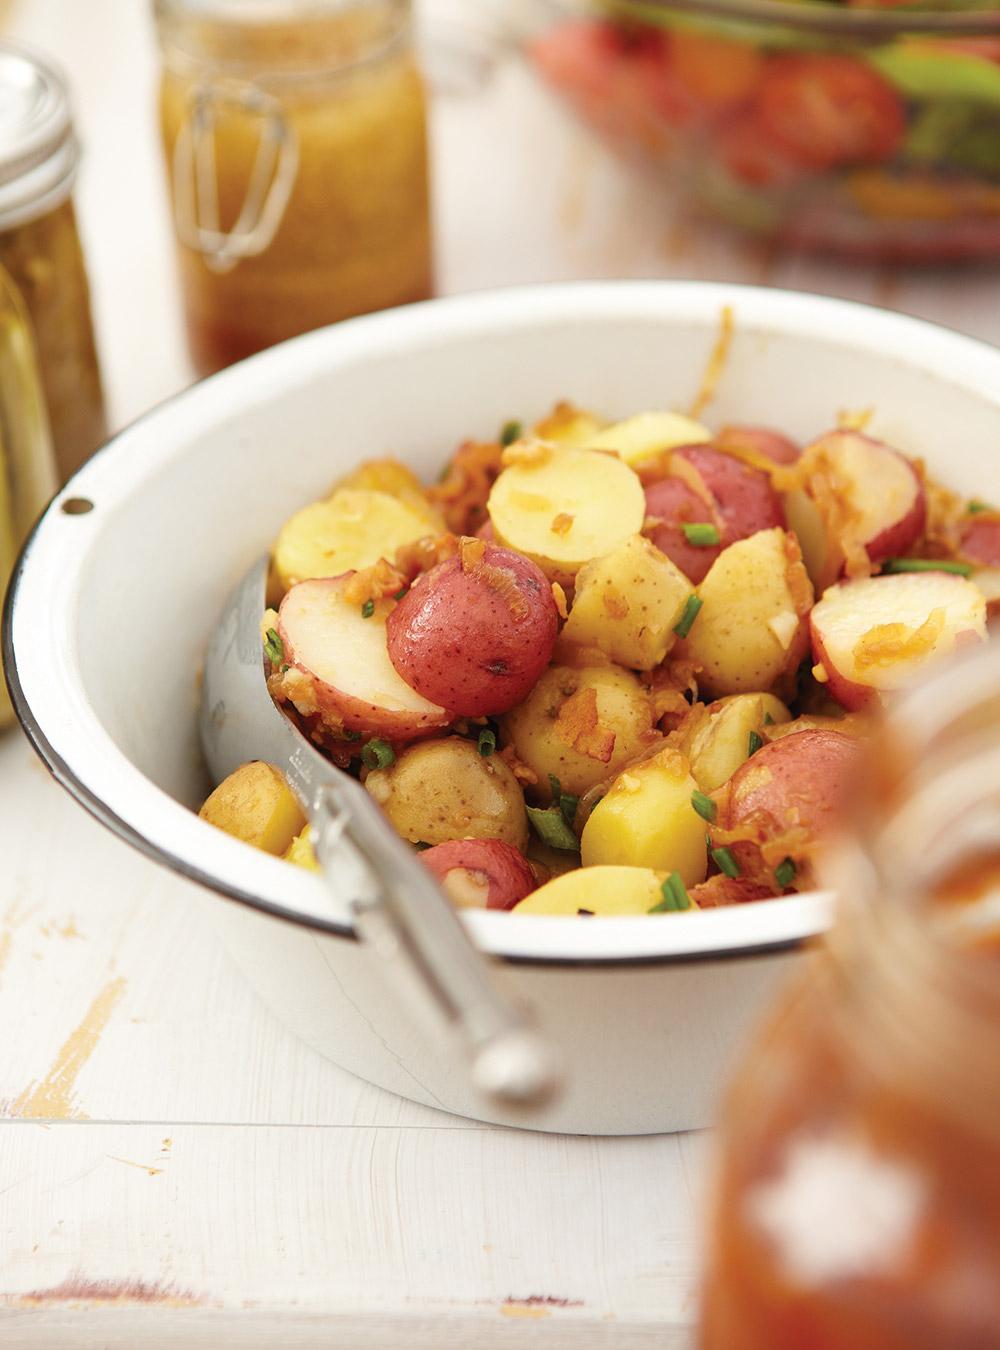 Salade de pommes de terre au bacon | ricardo